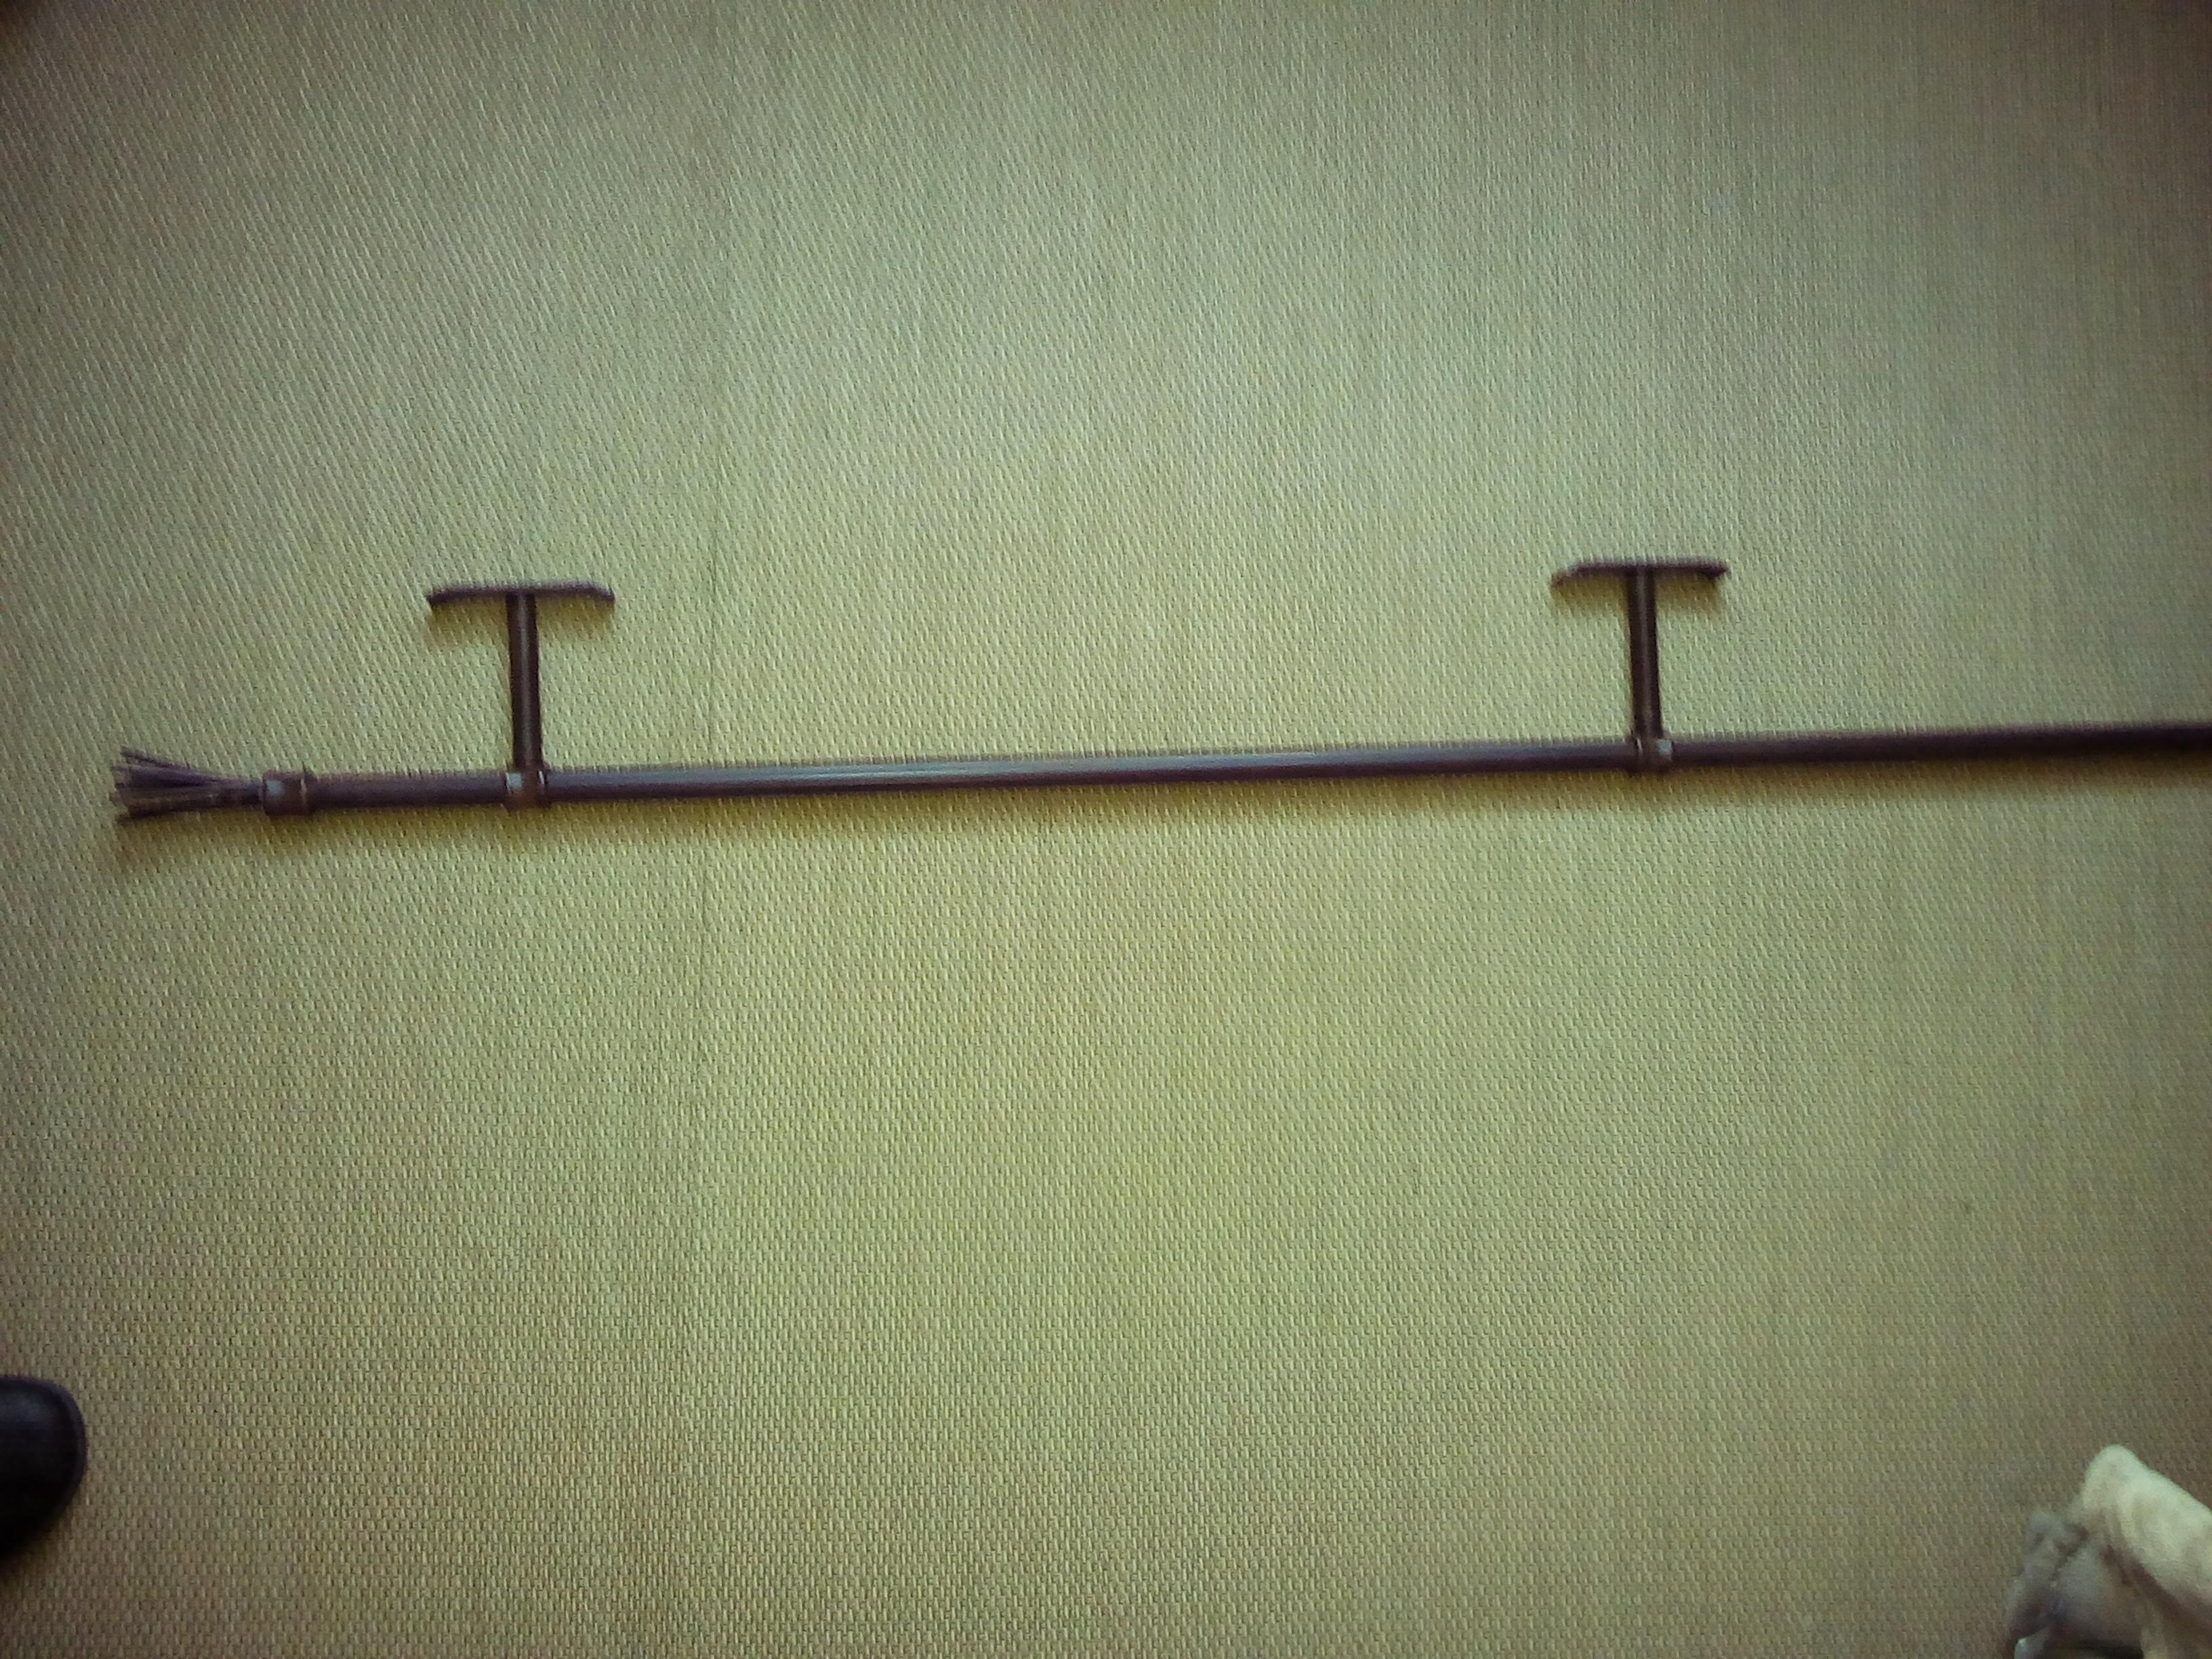 tringles rideaux occasion en le de france annonces achat et vente de tringles rideaux. Black Bedroom Furniture Sets. Home Design Ideas